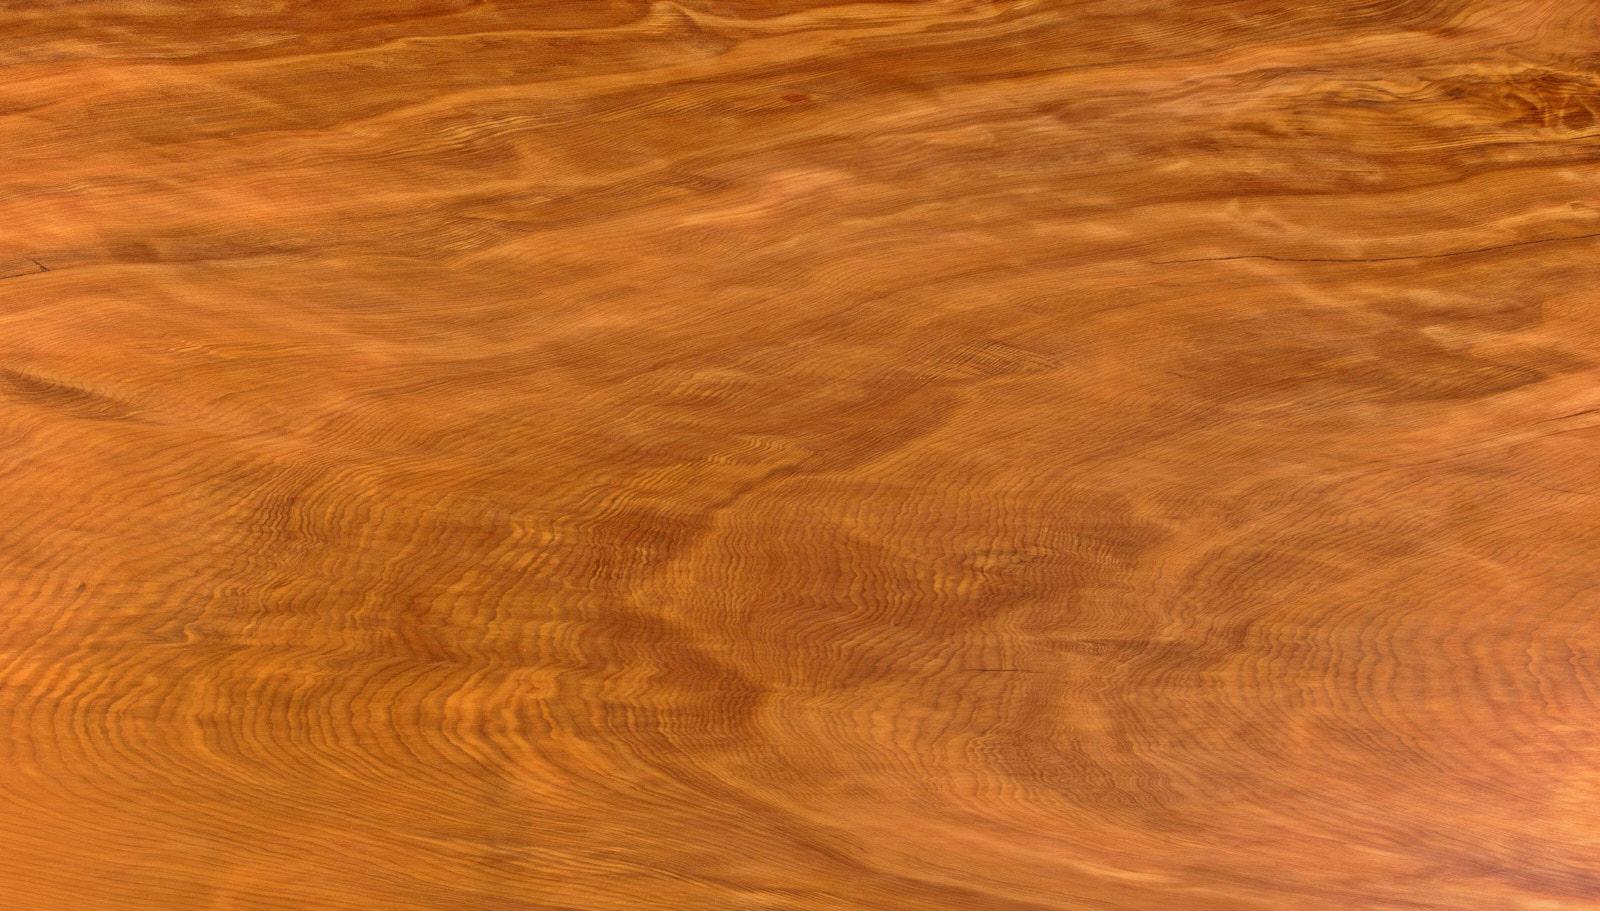 Maserung vom tausendjährigen Kauri Holz eines großen Massivholztisches mit organischen Naurkanten